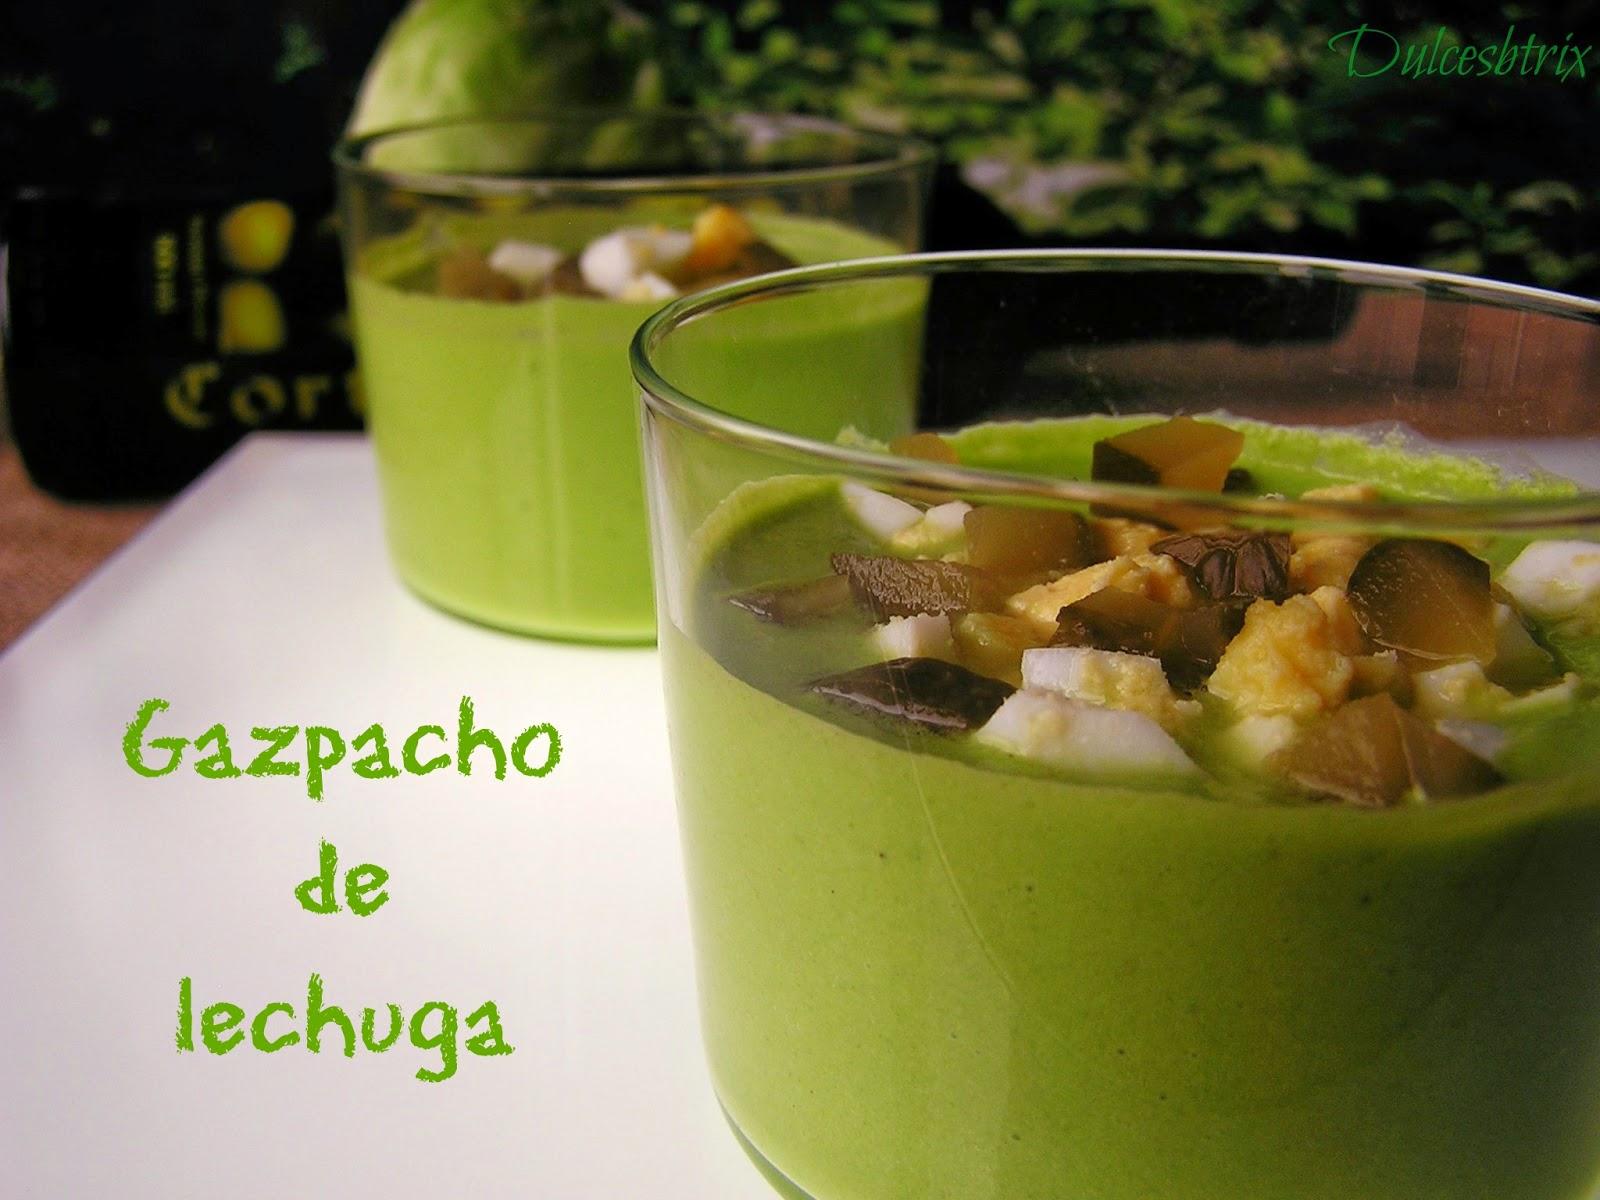 Gazpacho de lechuga-dulcesbtrix